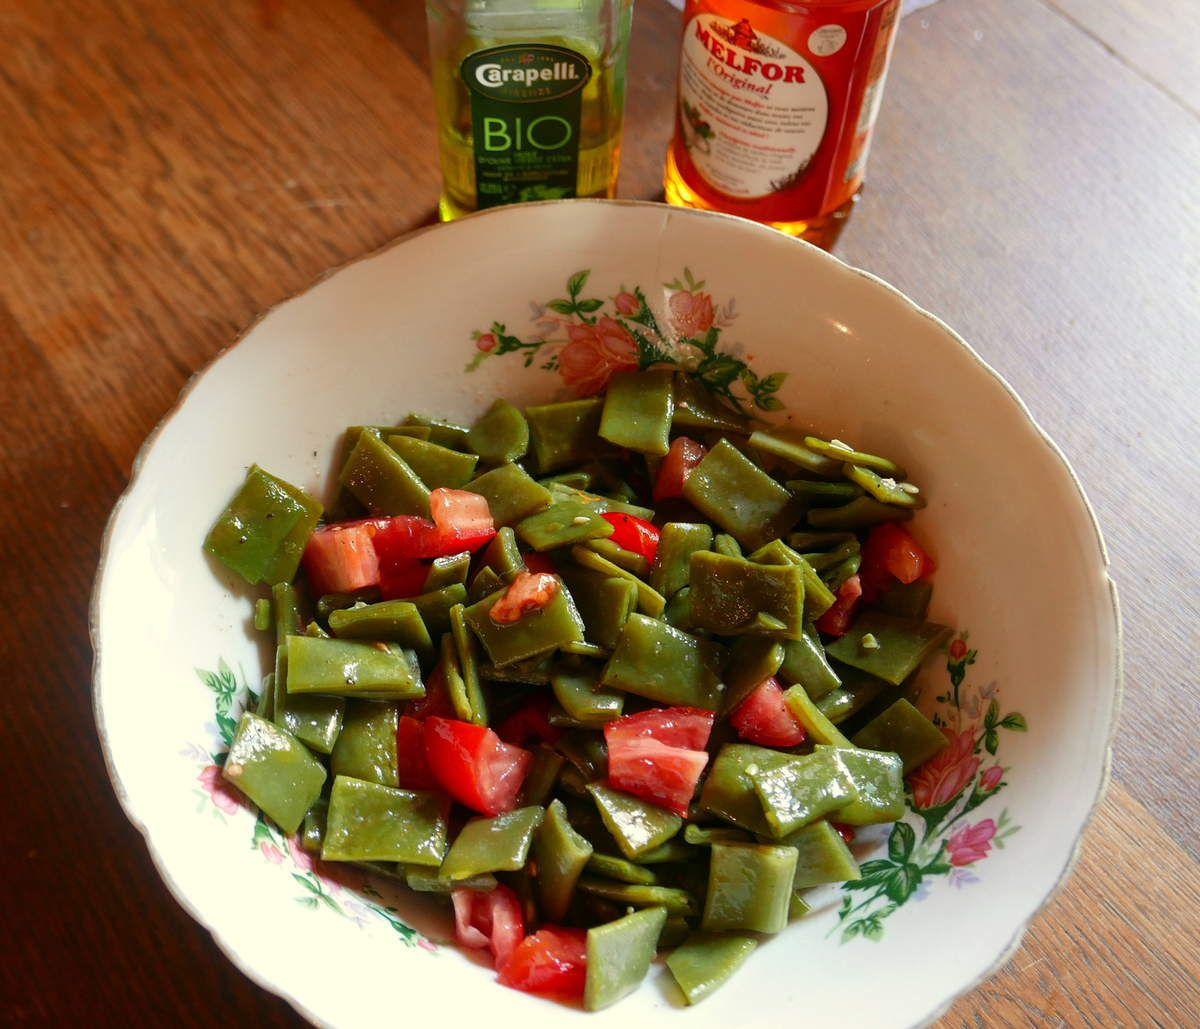 ...en accompagnement des haricots plats, cuits à la vapeur, et tomates à la vinaigrette à italienne (sel, poivres, vinaigre et huile).